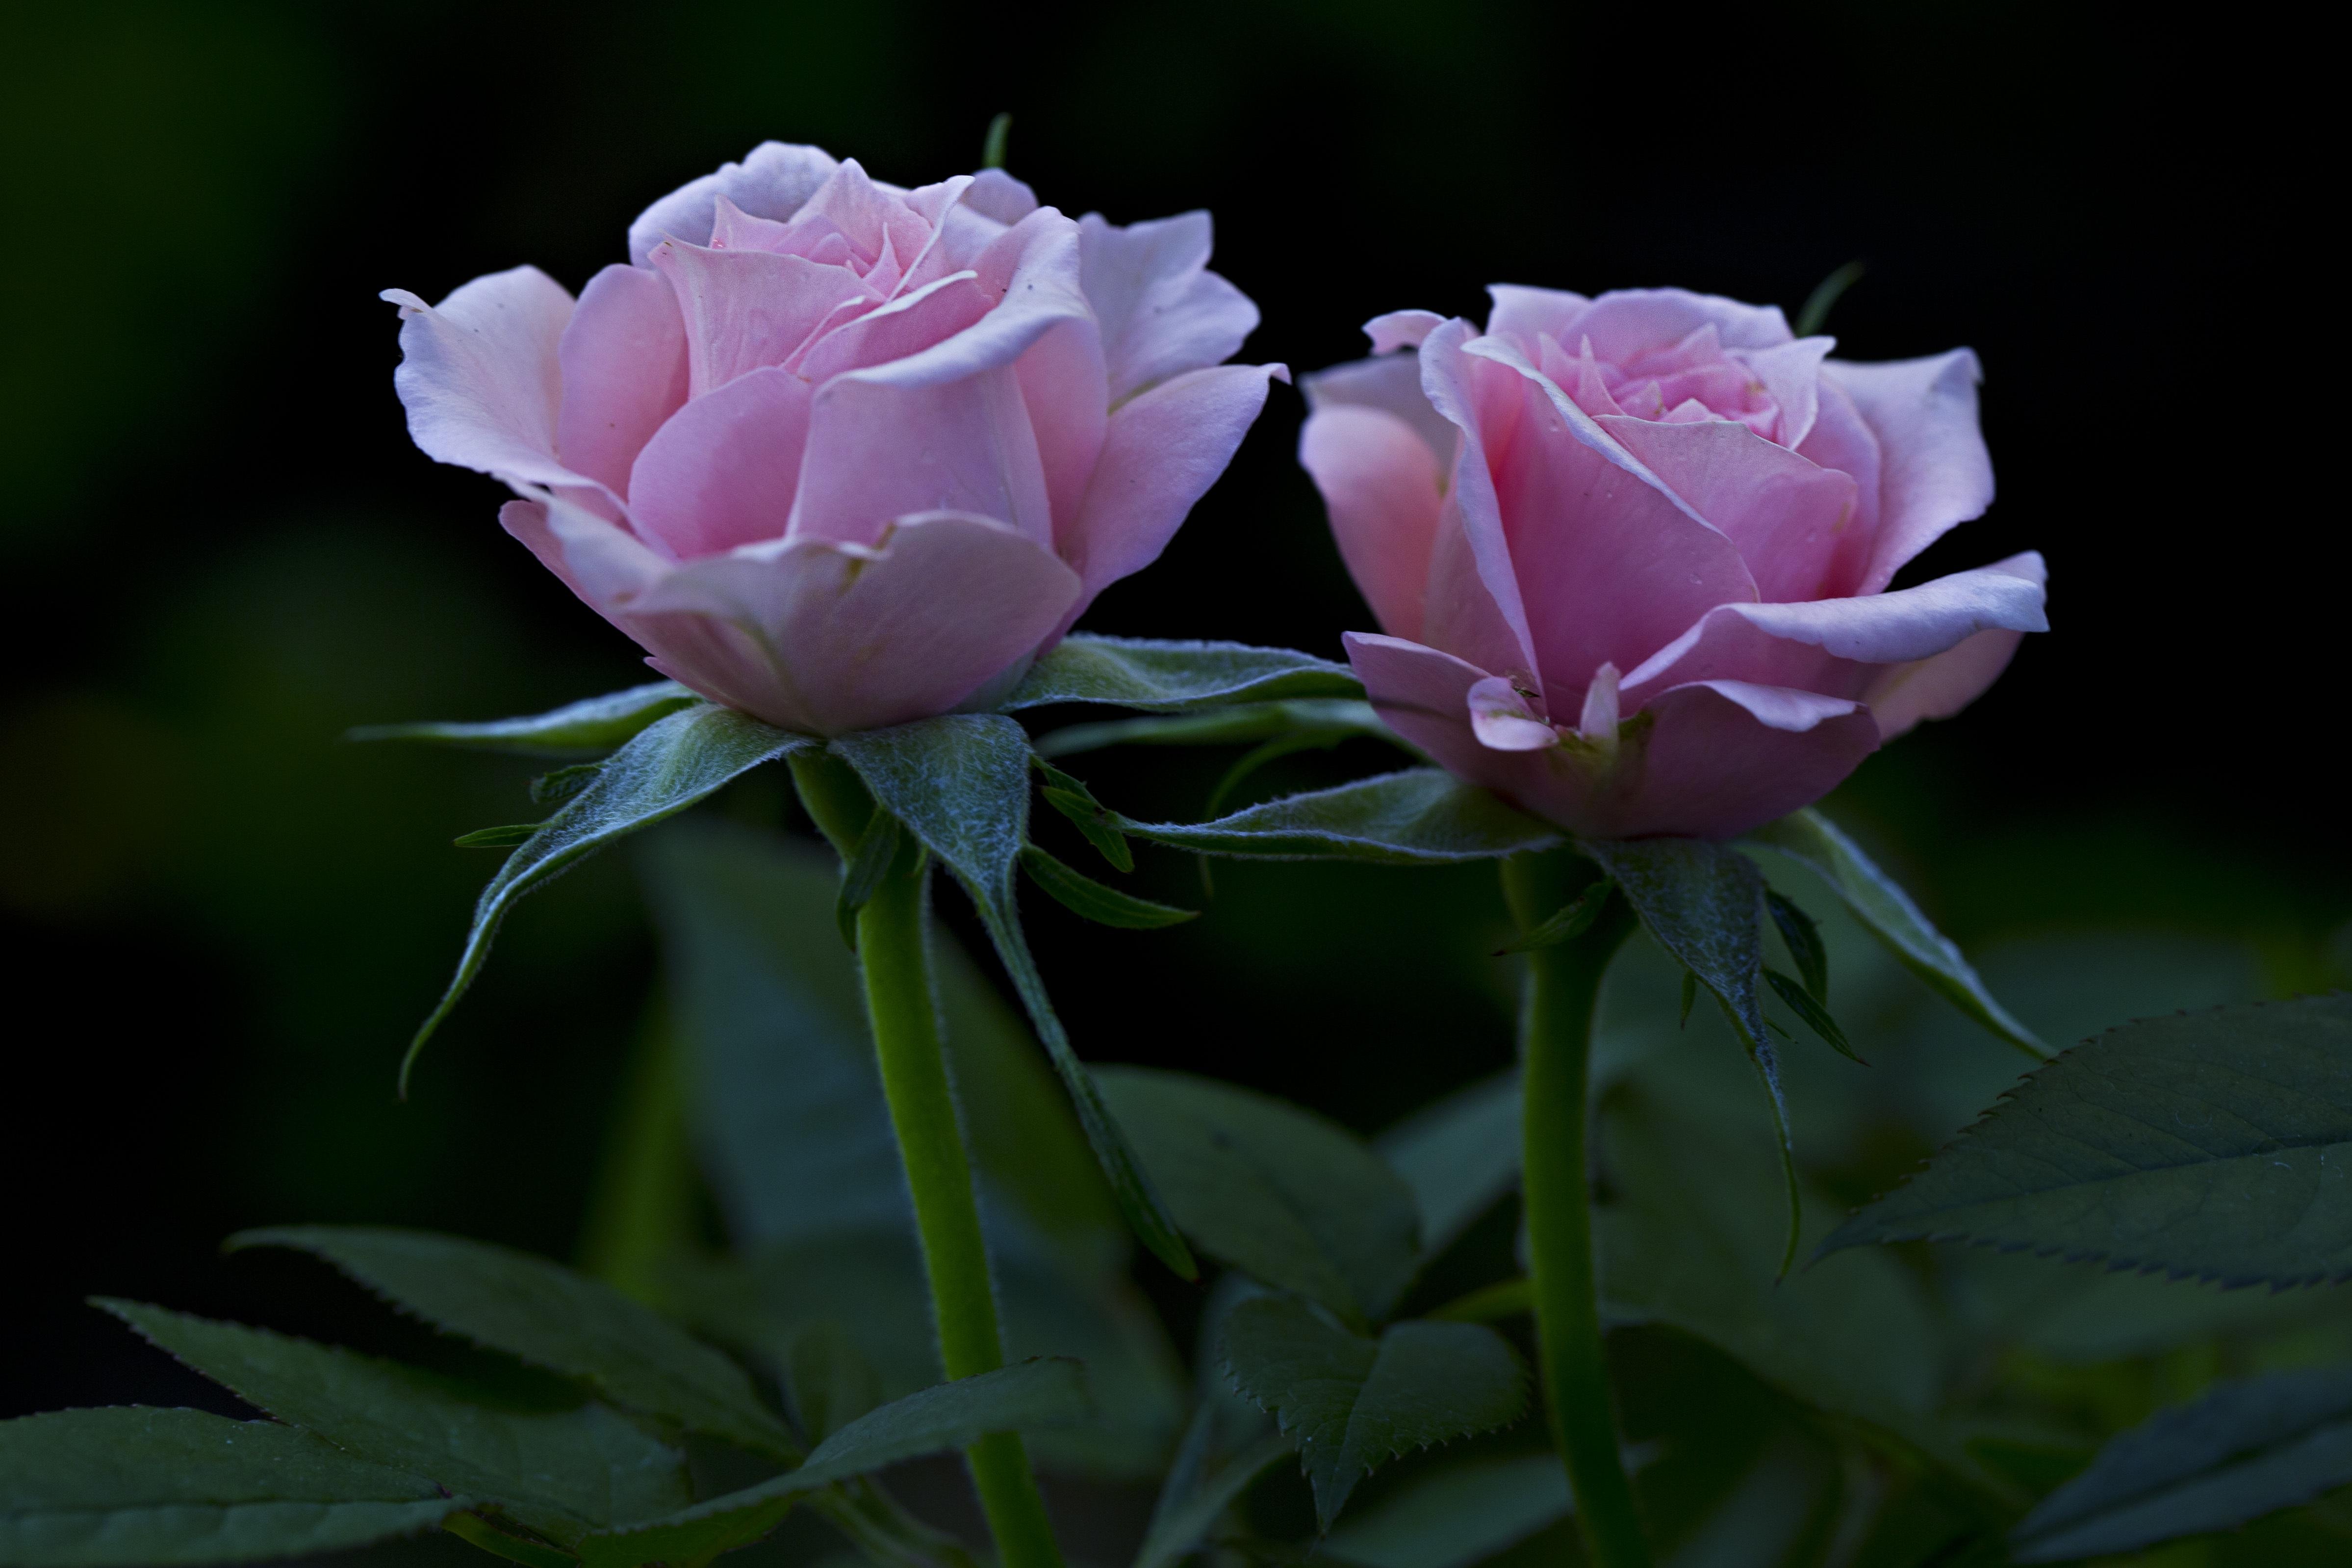 156582 Hintergrundbild herunterladen Roses, Blumen, Blütenblätter, Knospen - Bildschirmschoner und Bilder kostenlos